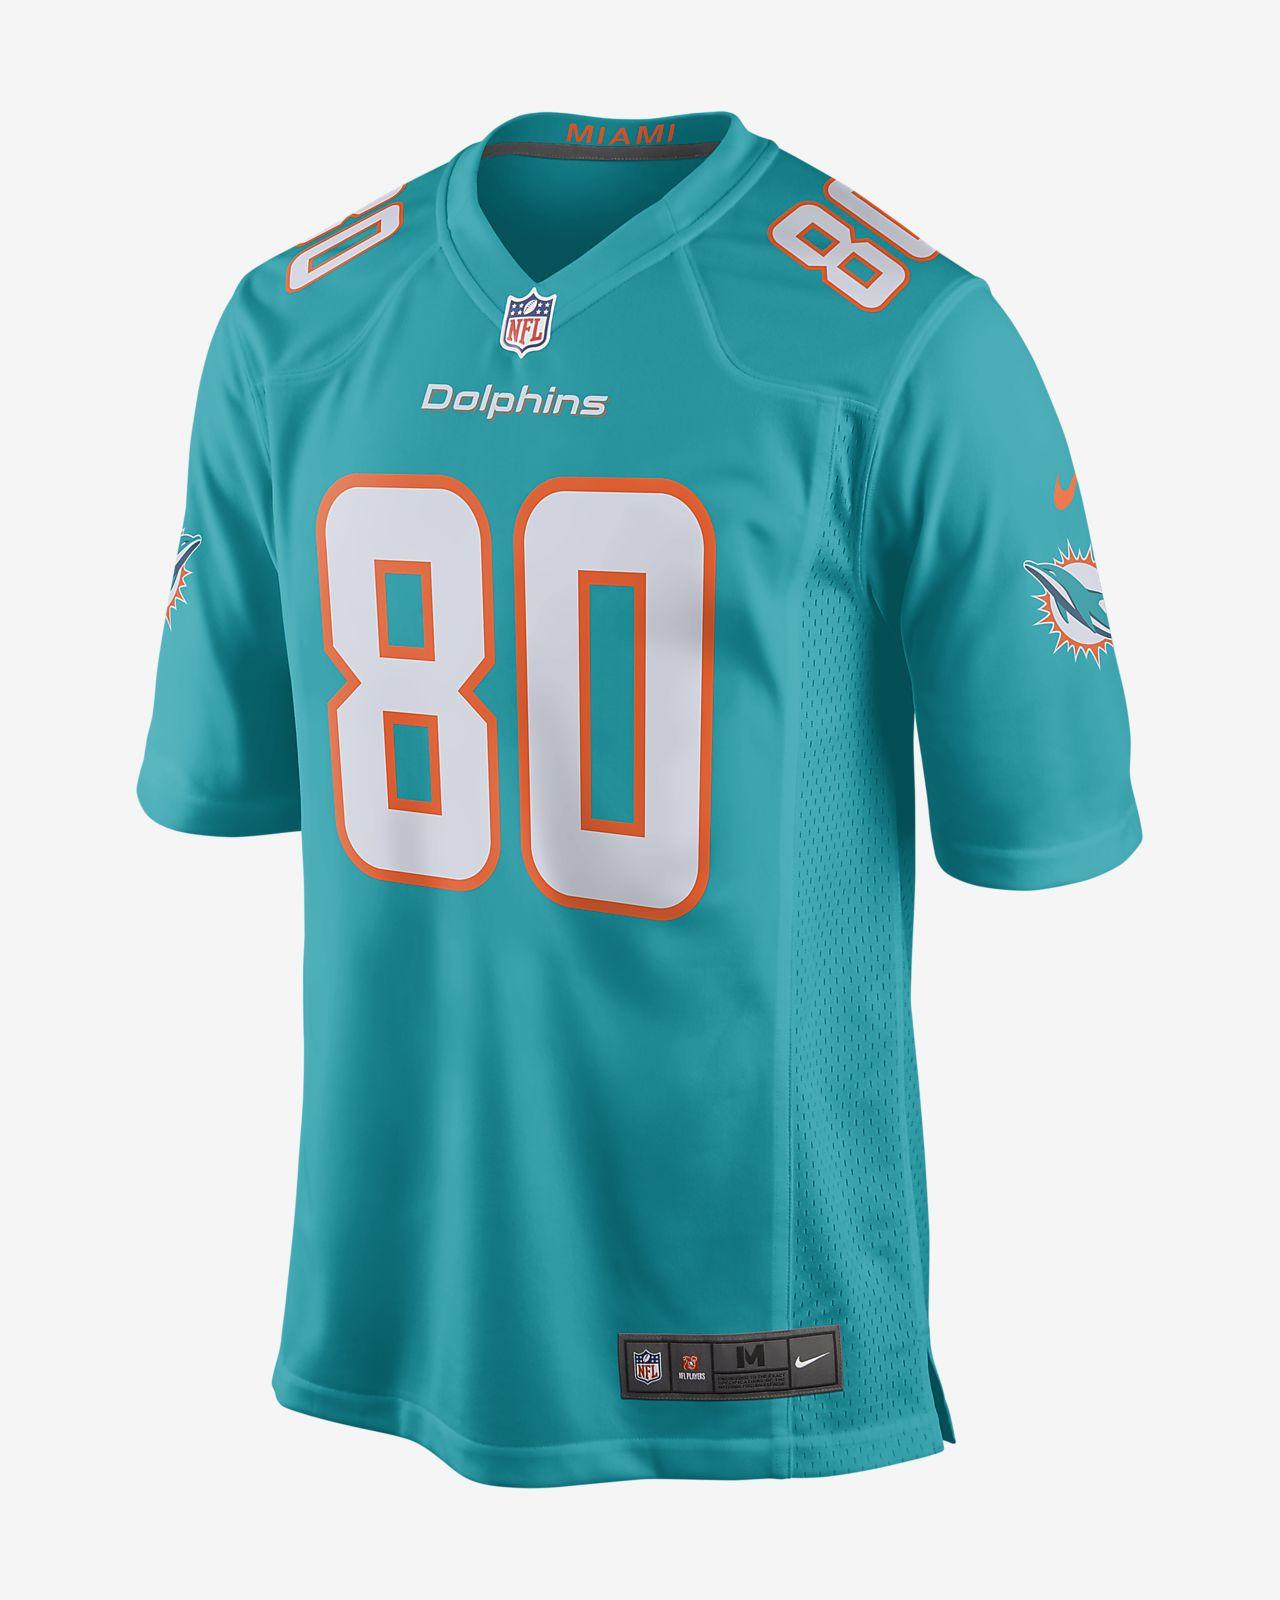 Męska koszulka meczowa do futbolu amerykańskiego NFL Miami Dolphins (Danny Amendola)